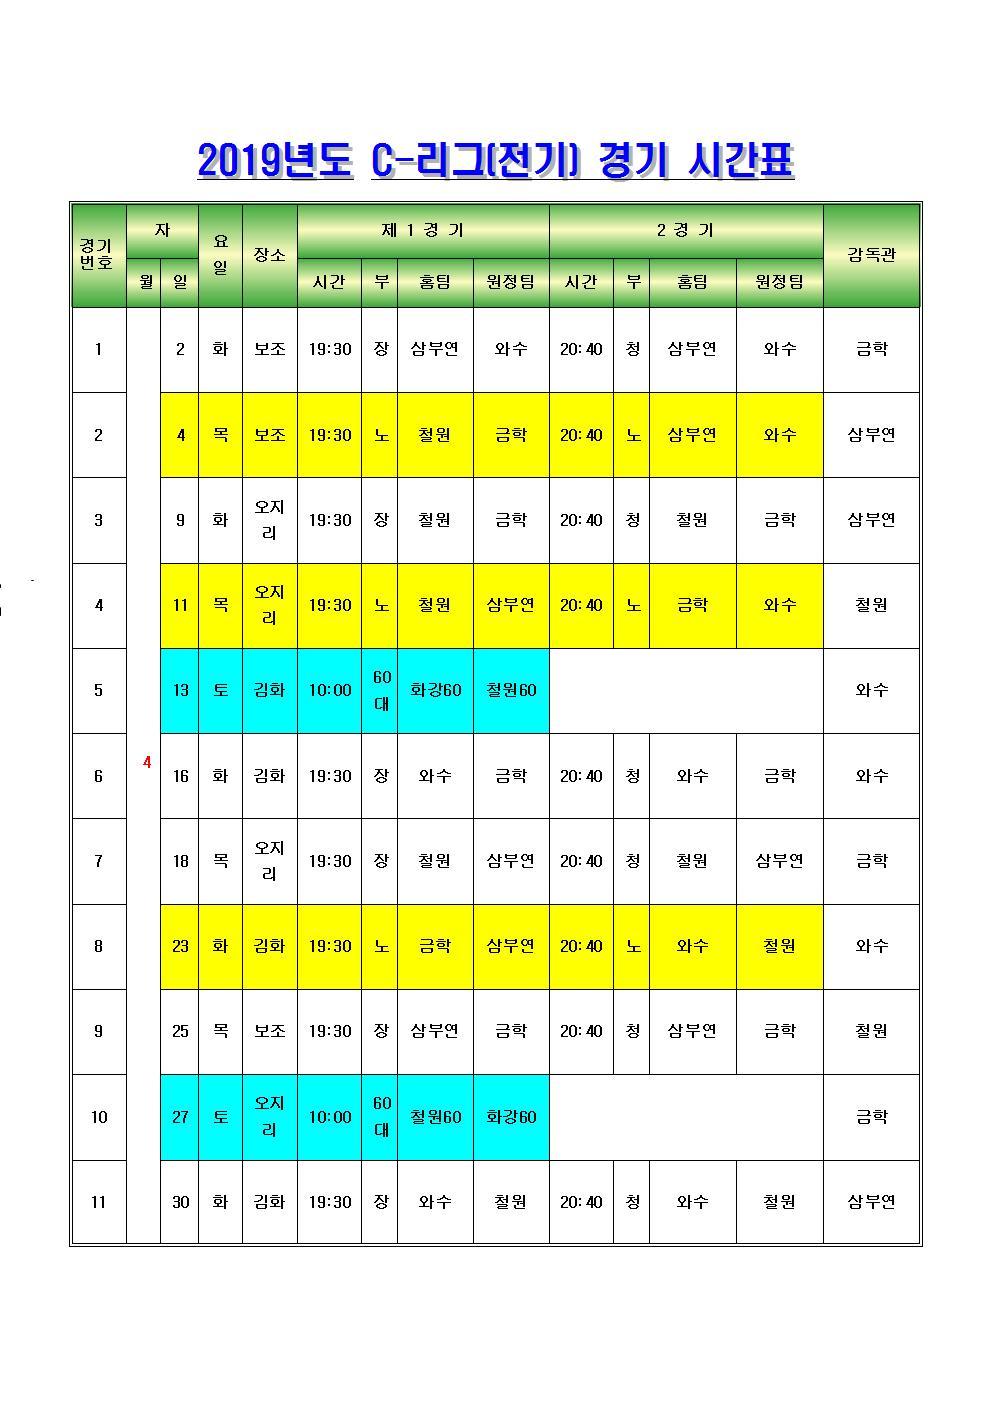 2019년 C- 리그전반기경기일정표 노장부 수정001.jpg